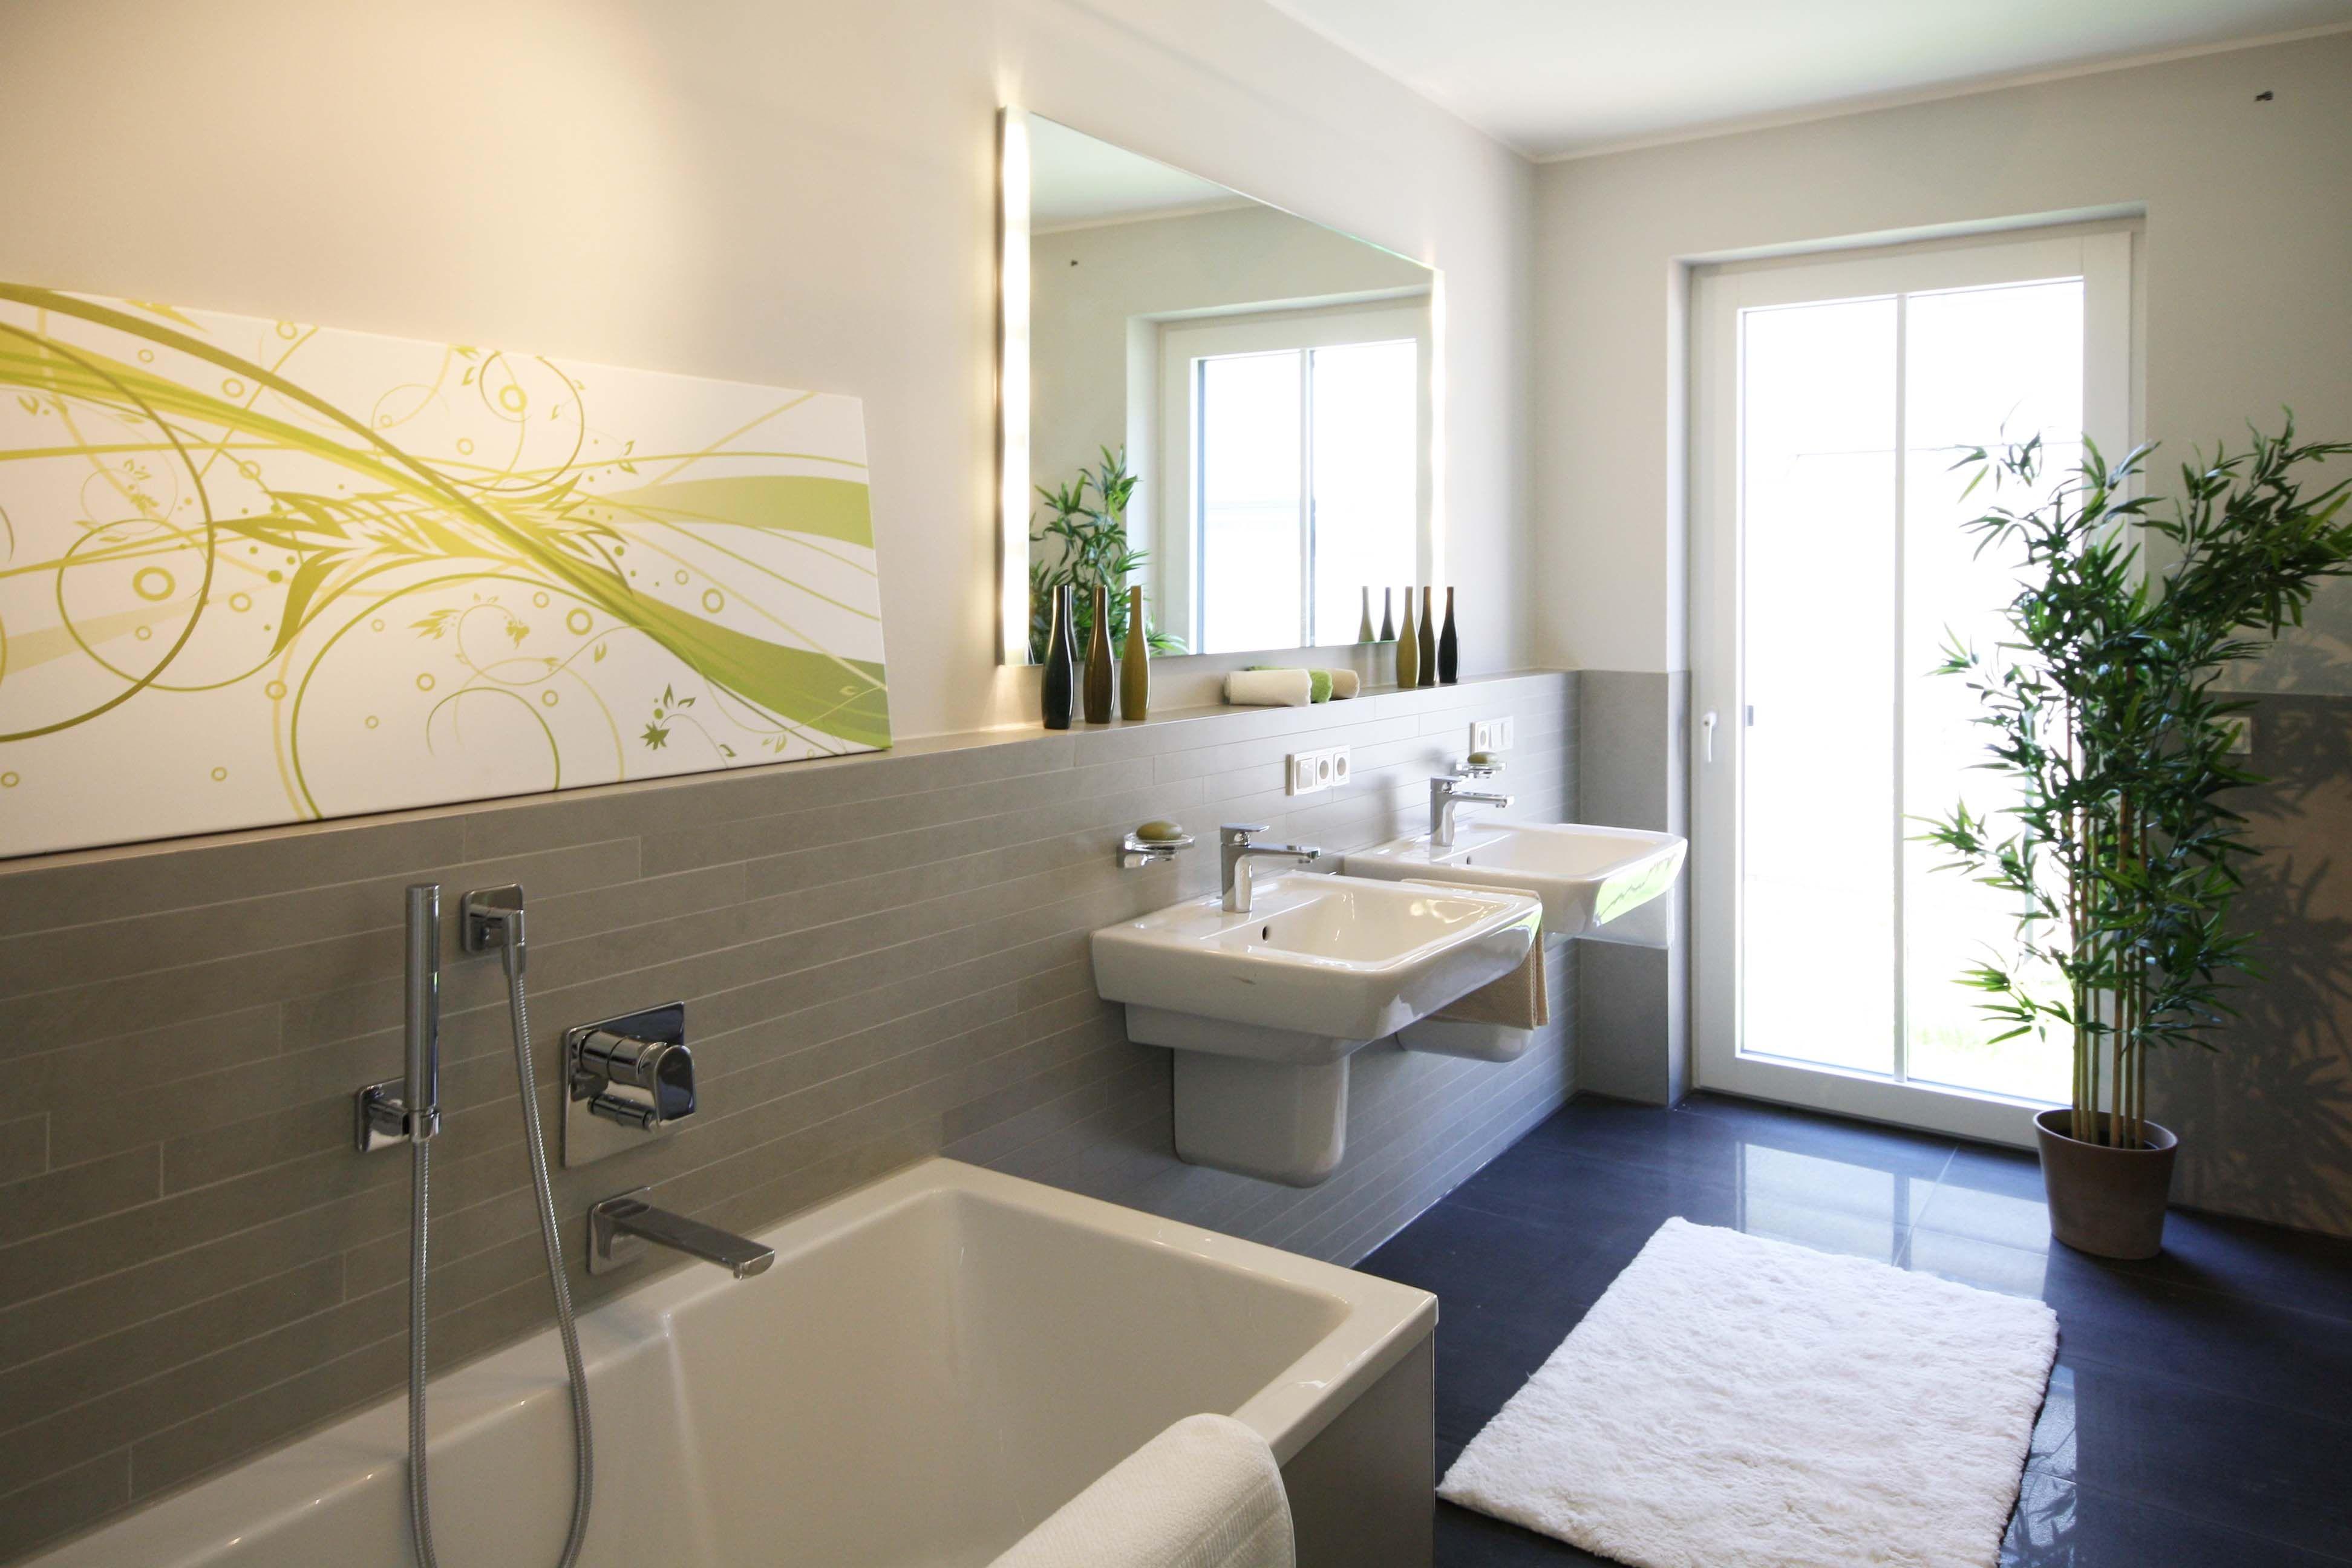 Bad in ETW | Bäder / Bathrooms | Pinterest | Bäder